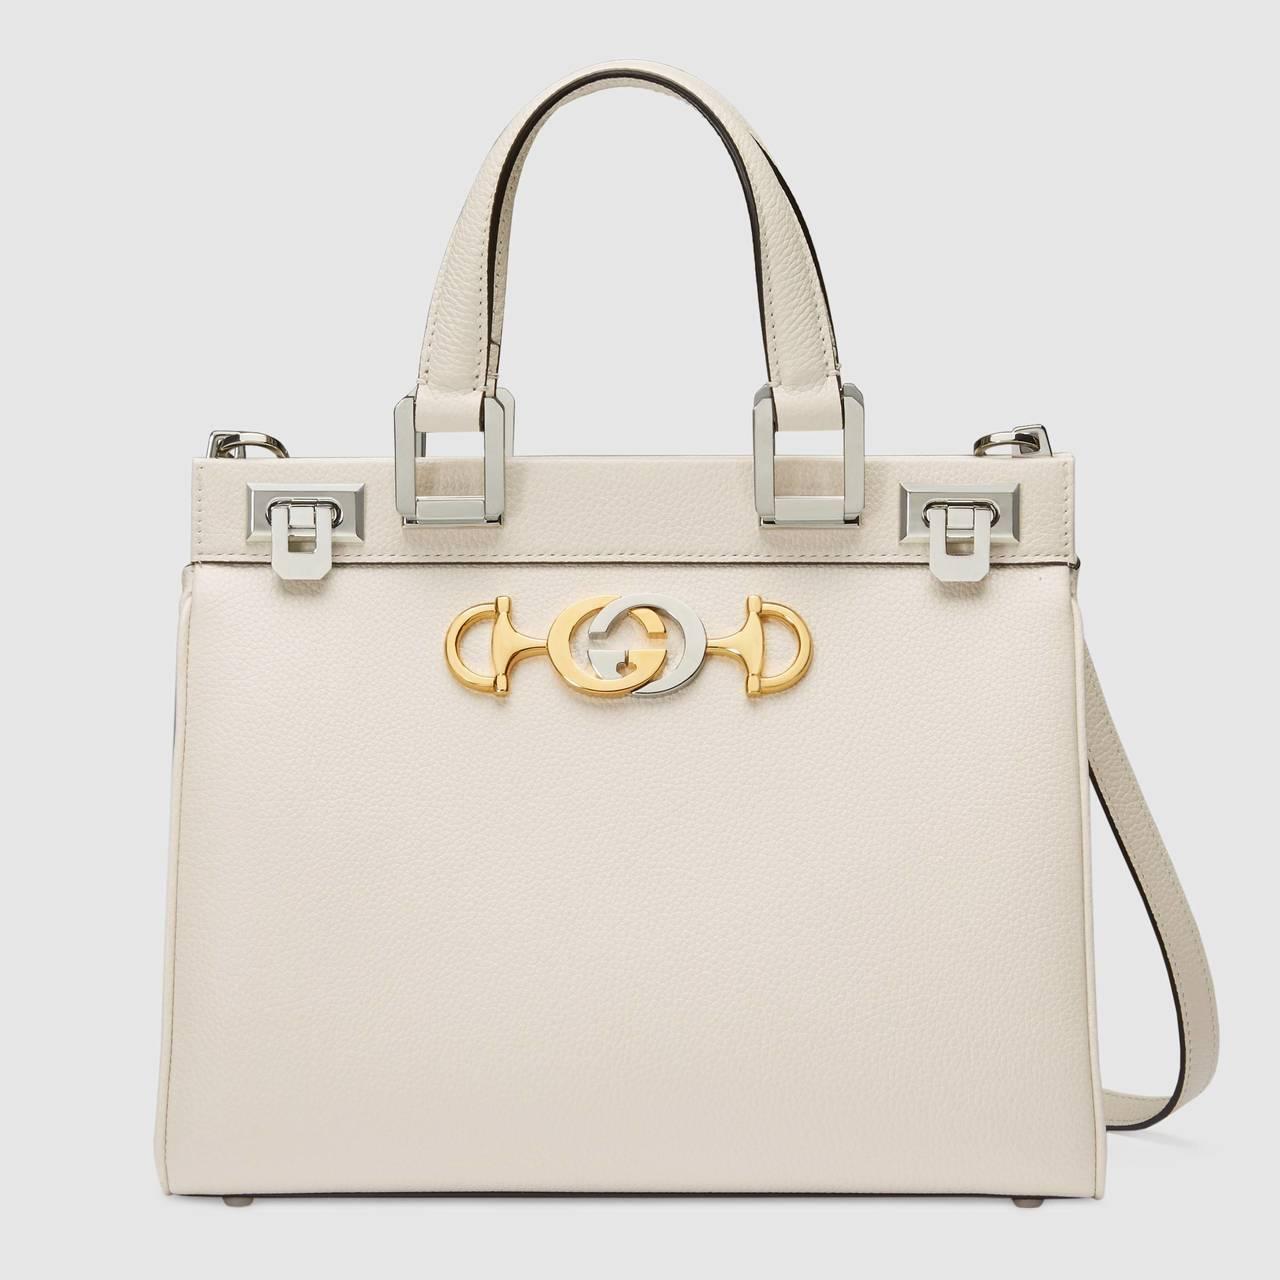 Gucci Zumi小型白色手提包,99,900元。圖/Gucci提供